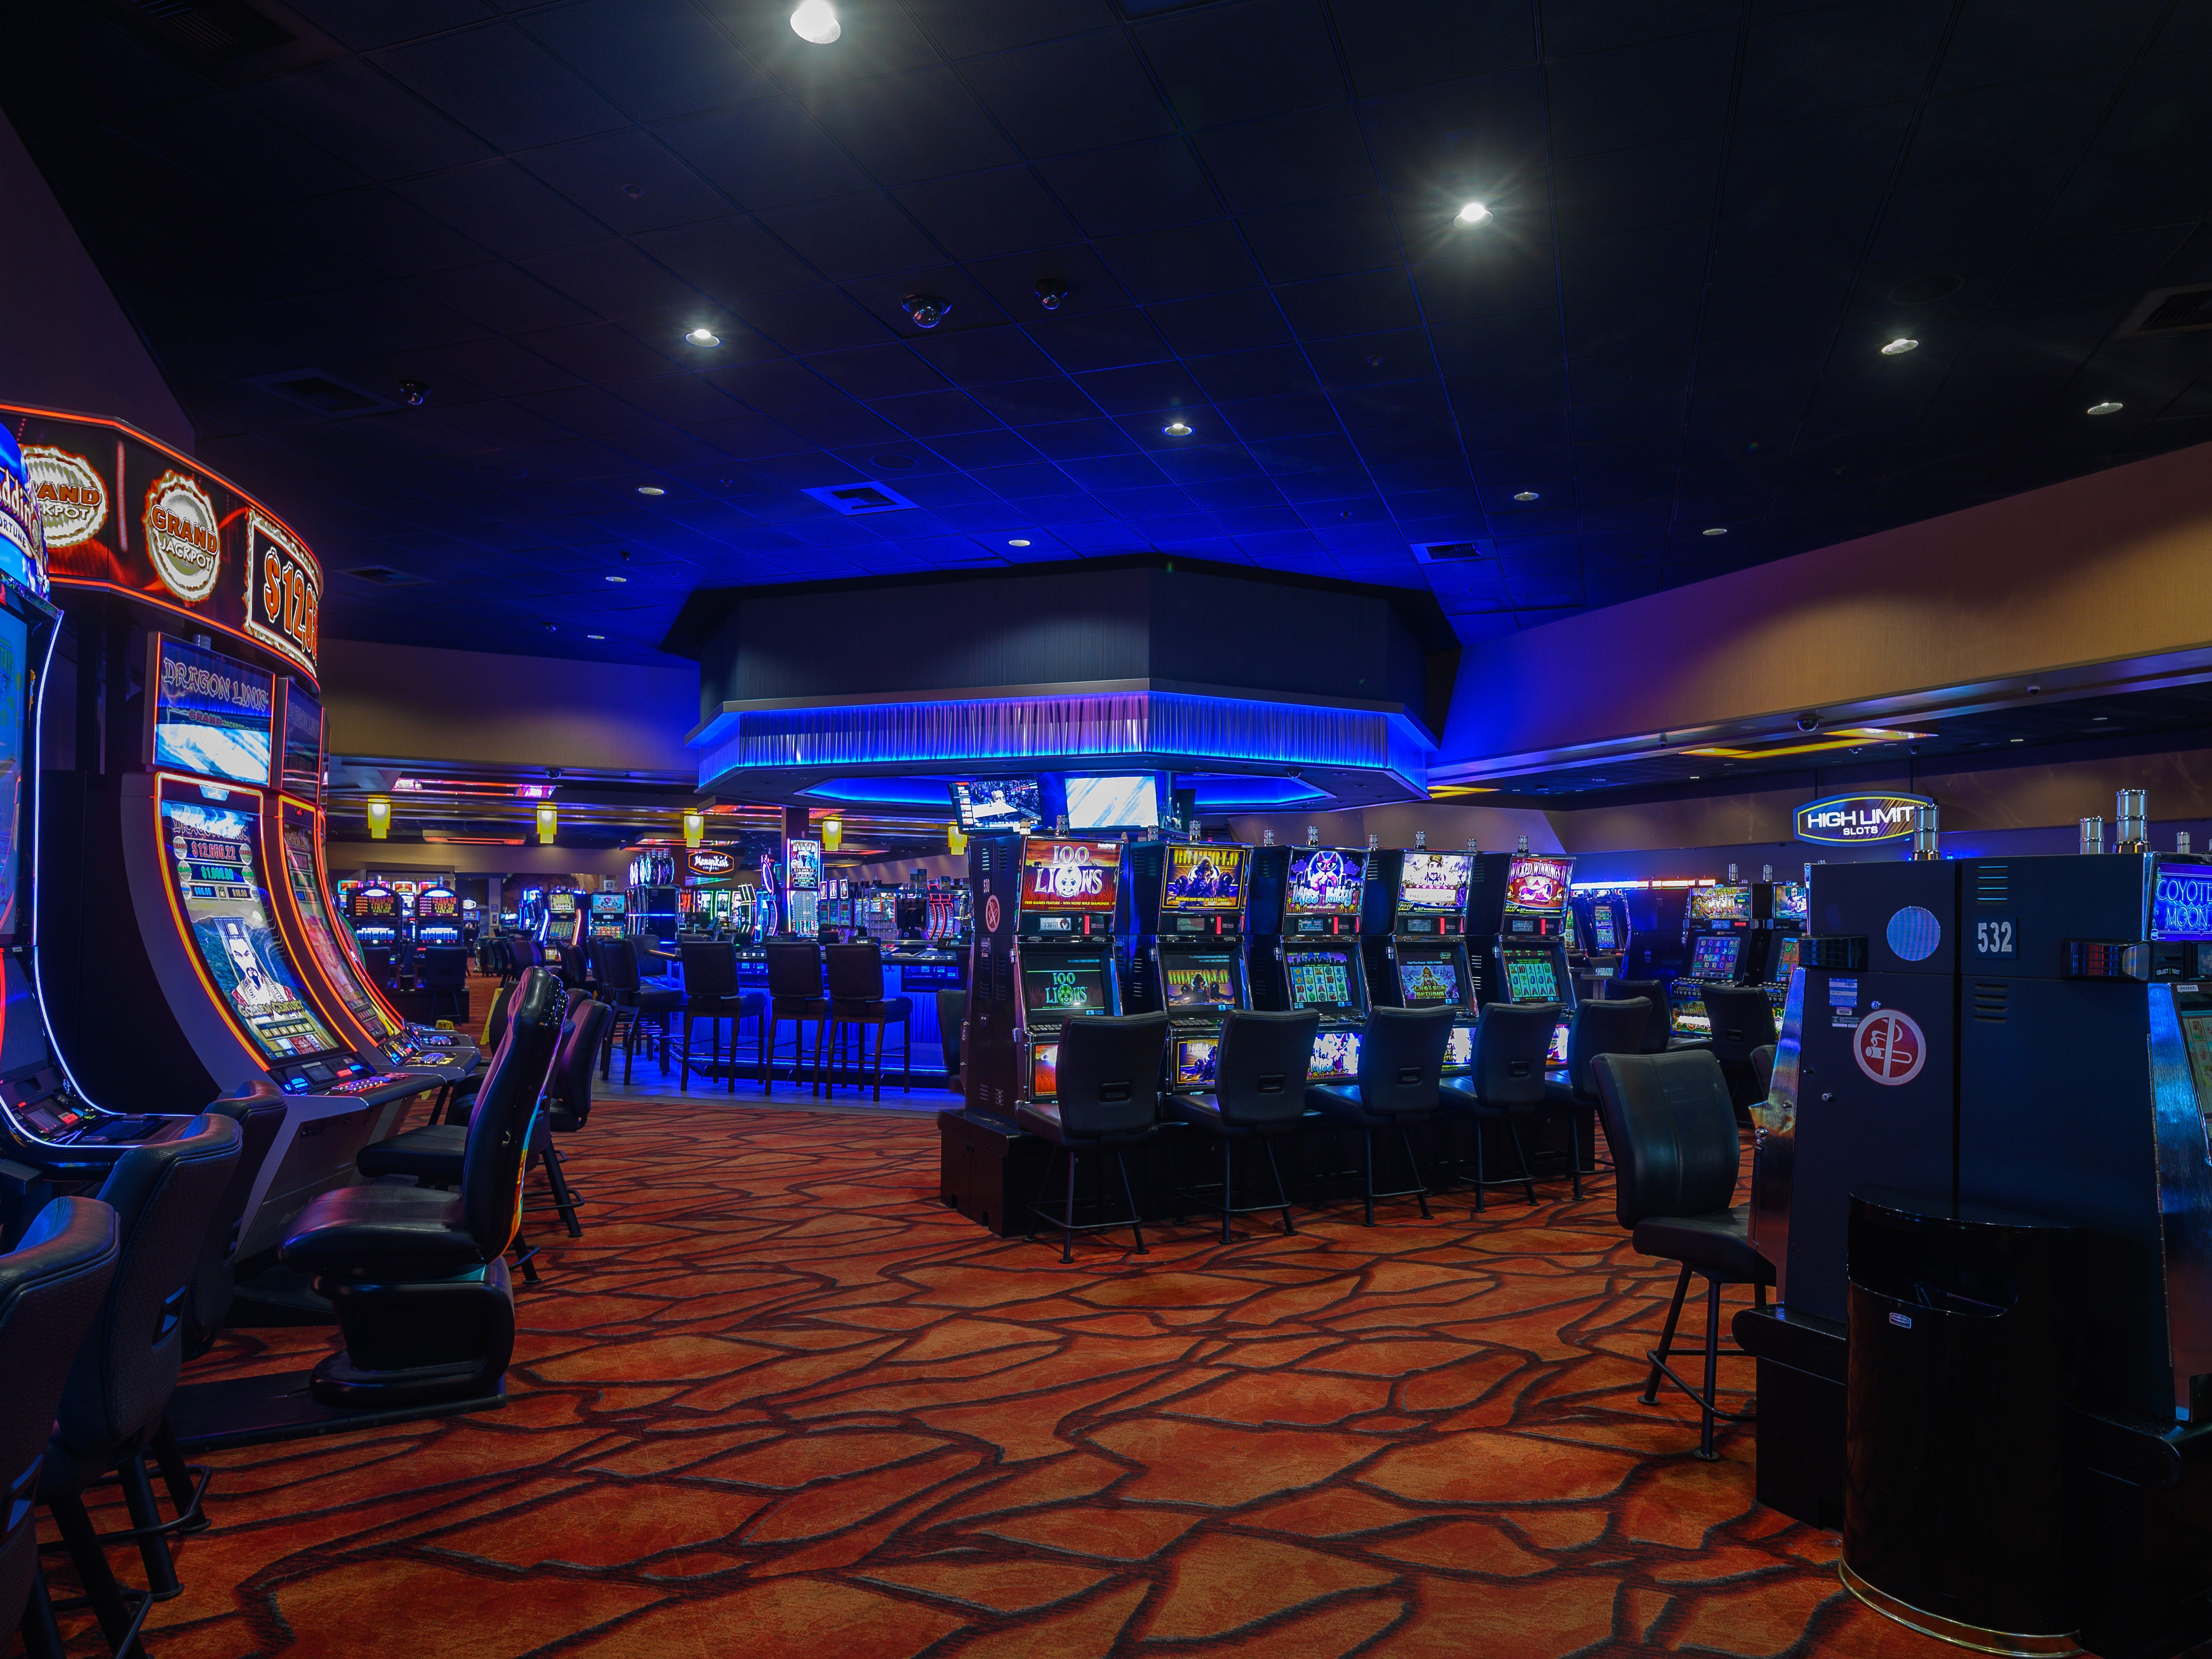 The casino floor at the Augustine Casino in Coachella, Calif.